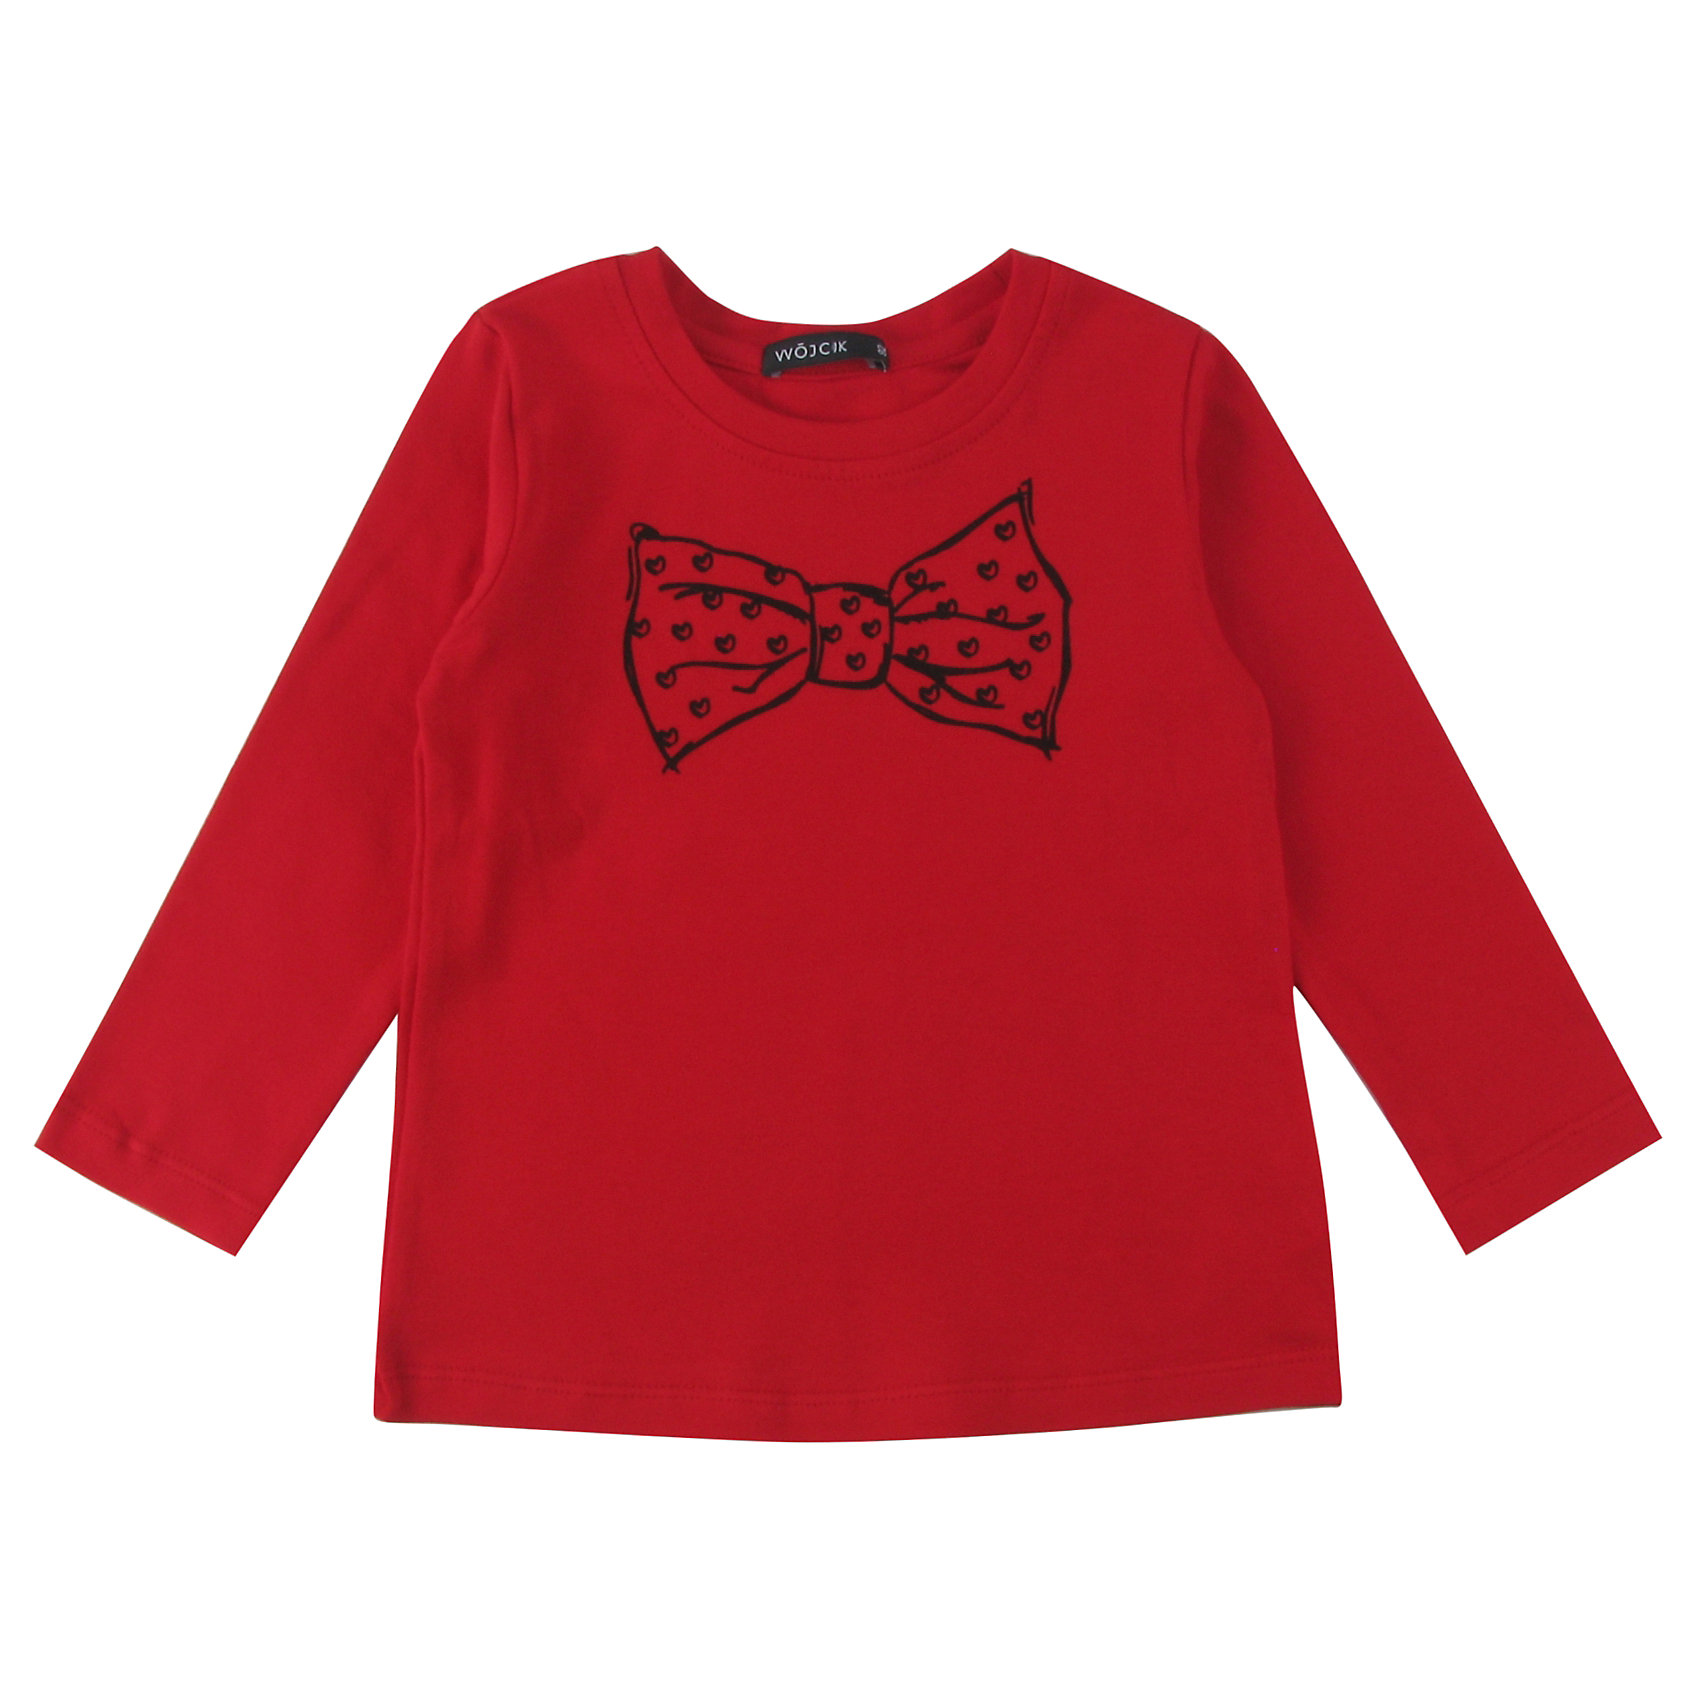 Футболка с длинным рукавом для девочки WojcikФутболки с длинным рукавом<br>Характеристики товара:<br><br>• цвет: красный<br>• состав ткани: 92% хлопок, 8% эластан<br>• сезон: демисезон<br>• длинные рукава<br>• страна бренда: Польша<br>• страна изготовитель: Польша<br><br>Товары от бренда Wojcik - это польская детская одежда отличного качества по доступной цене. Такой лонгслив для детей сделан из дышащего мягкого материала. Модная футболка с длинным рукавом для девочки Войчик легко надевается. Детский лонгслив декорирован принтом. <br><br>Лонгслив для девочки Wojcik (Войчик) можно купить в нашем интернет-магазине.<br><br>Ширина мм: 230<br>Глубина мм: 40<br>Высота мм: 220<br>Вес г: 250<br>Цвет: красный<br>Возраст от месяцев: 18<br>Возраст до месяцев: 24<br>Пол: Женский<br>Возраст: Детский<br>Размер: 92,134,128,122,116,110,104,98<br>SKU: 5591550